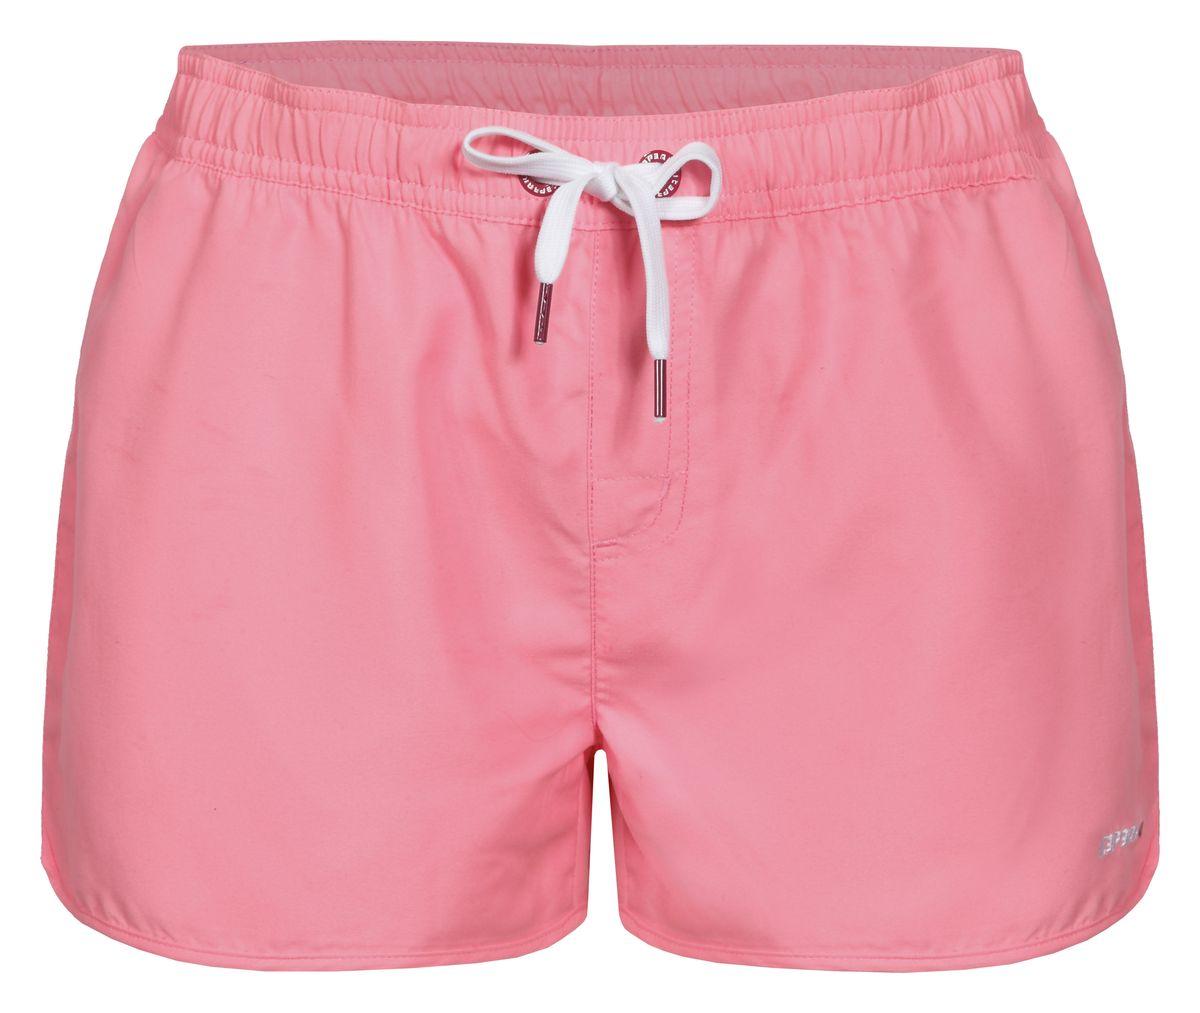 Шорты для плавания женские Icepeak Kristin, цвет: розовый. 754524513IV. Размер 36 (42)754524513IVПляжные шорты для плавания Kristin от Icepeak выполнены из мягкого и технологичного материала. Модель дополнена эластичным поясом со шнурком.